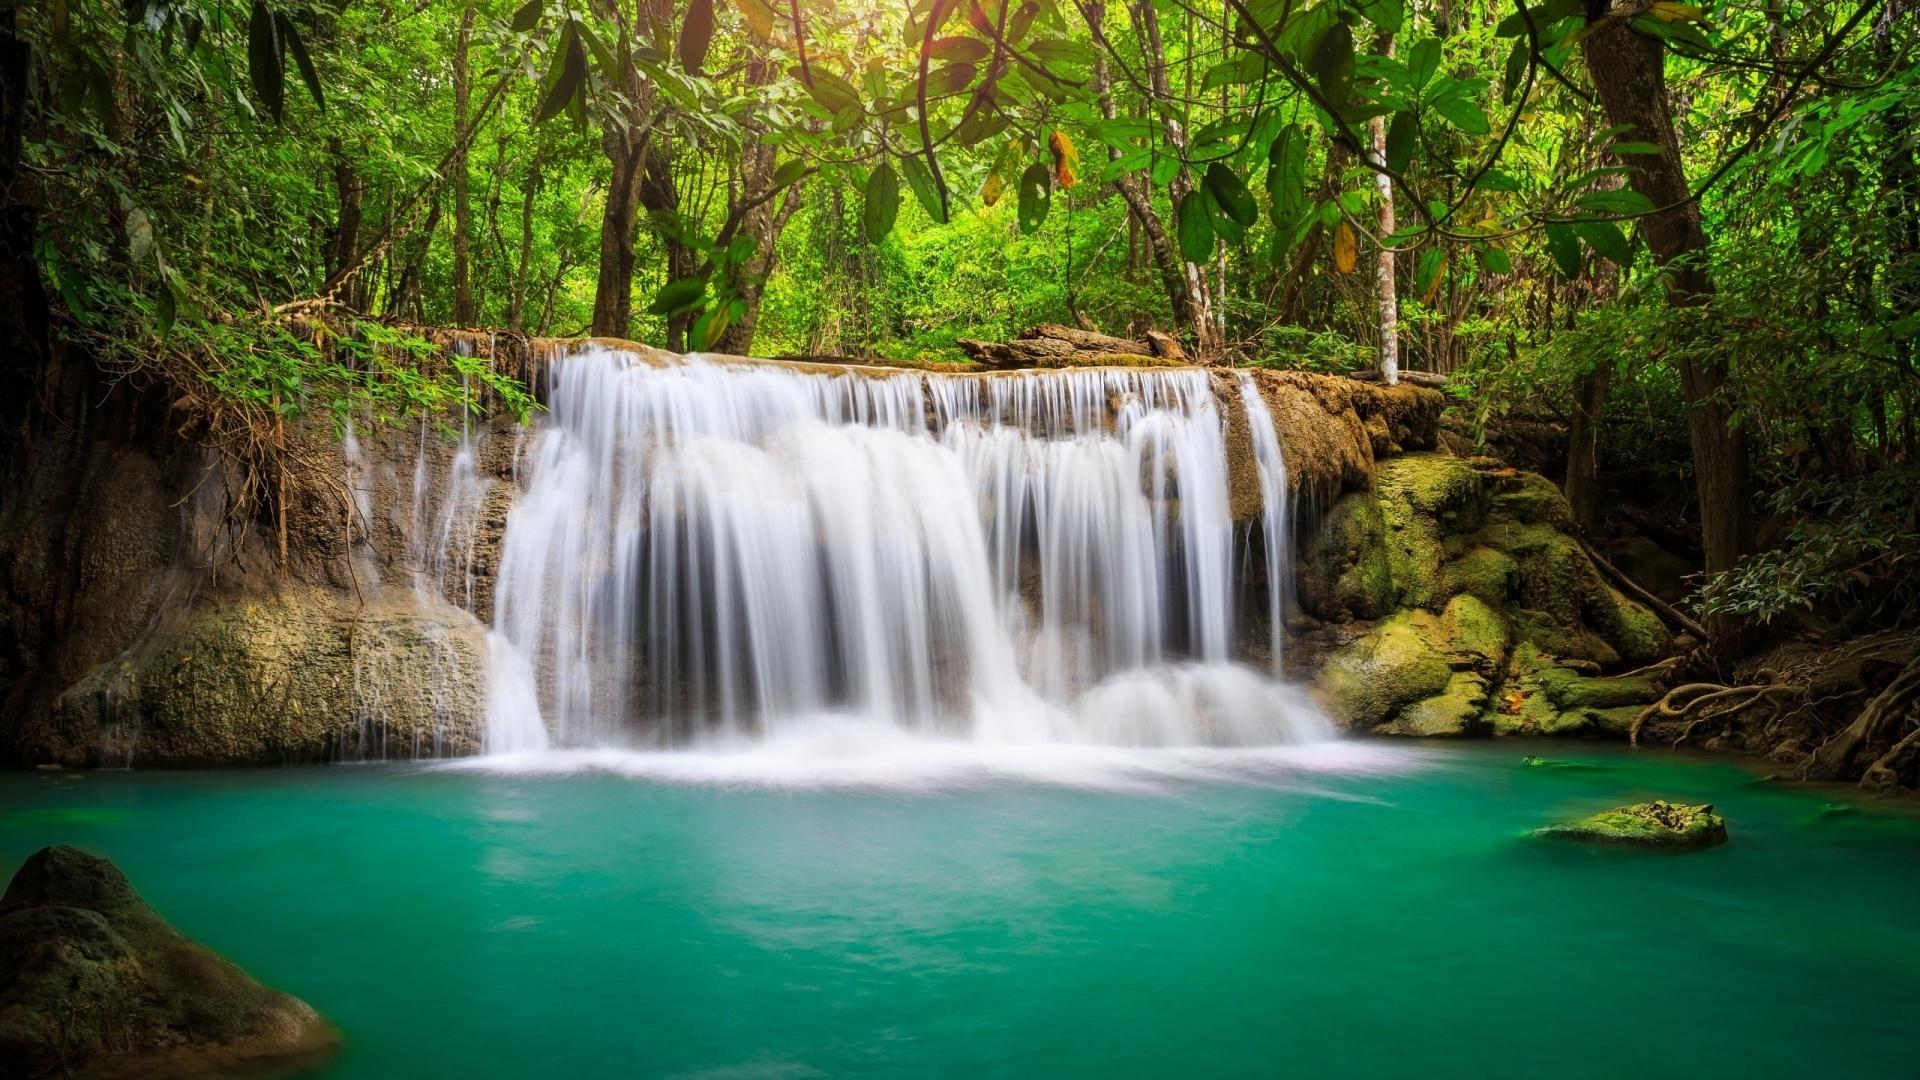 Картинки водопадов в высоком качестве